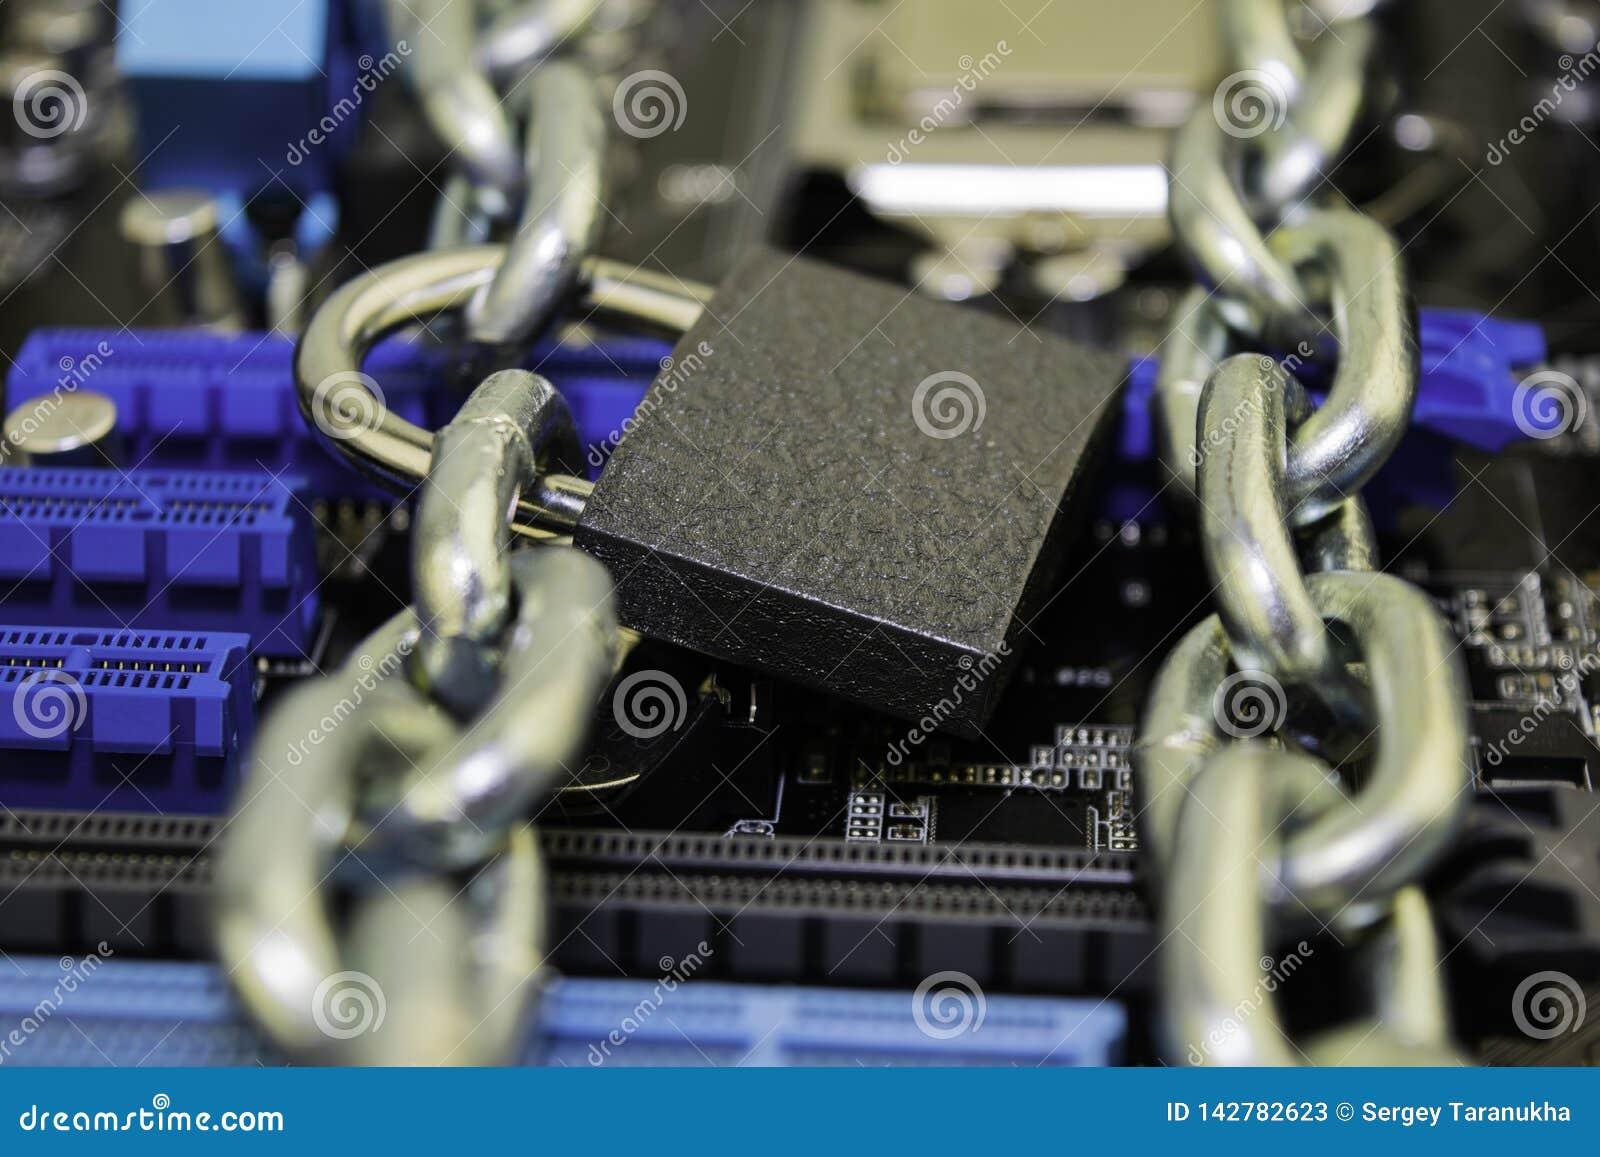 Censuur, beperkingen en beperkingen op Internet concept, motherboard in kettingen onder slot en sleutel